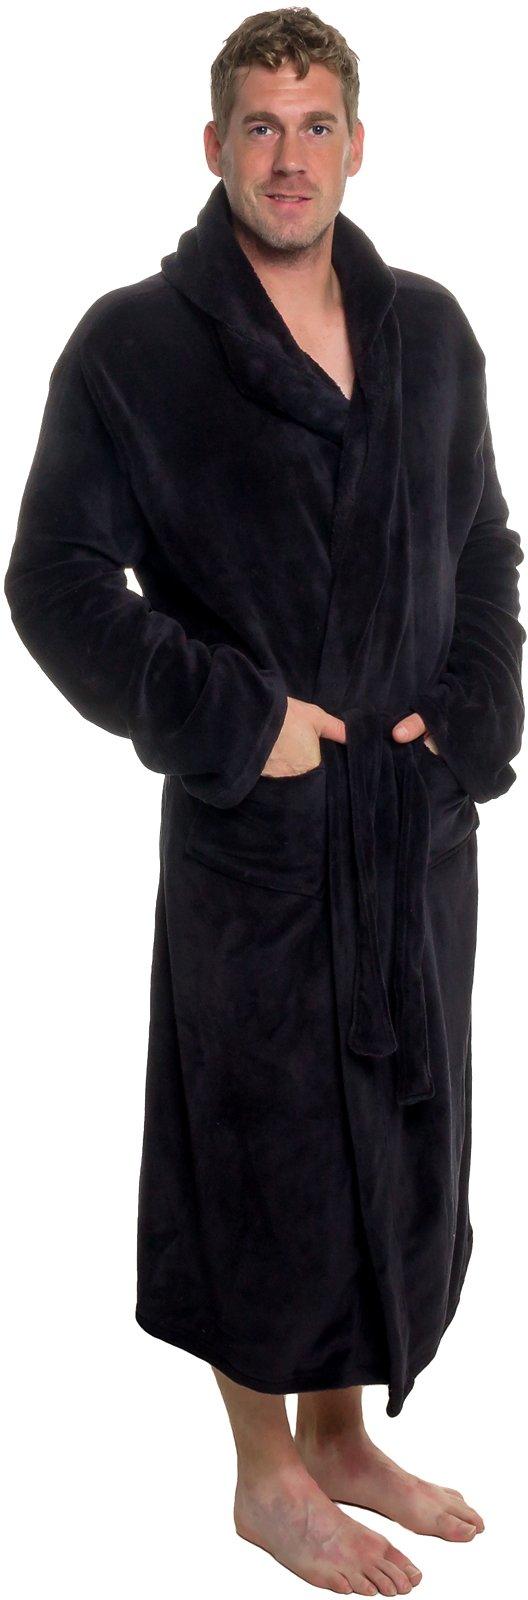 Ross Michaels Mens Hooded Robe - Plush Shawl Kimono Bathrobe (Black, XXL) by Ross Michaels (Image #2)